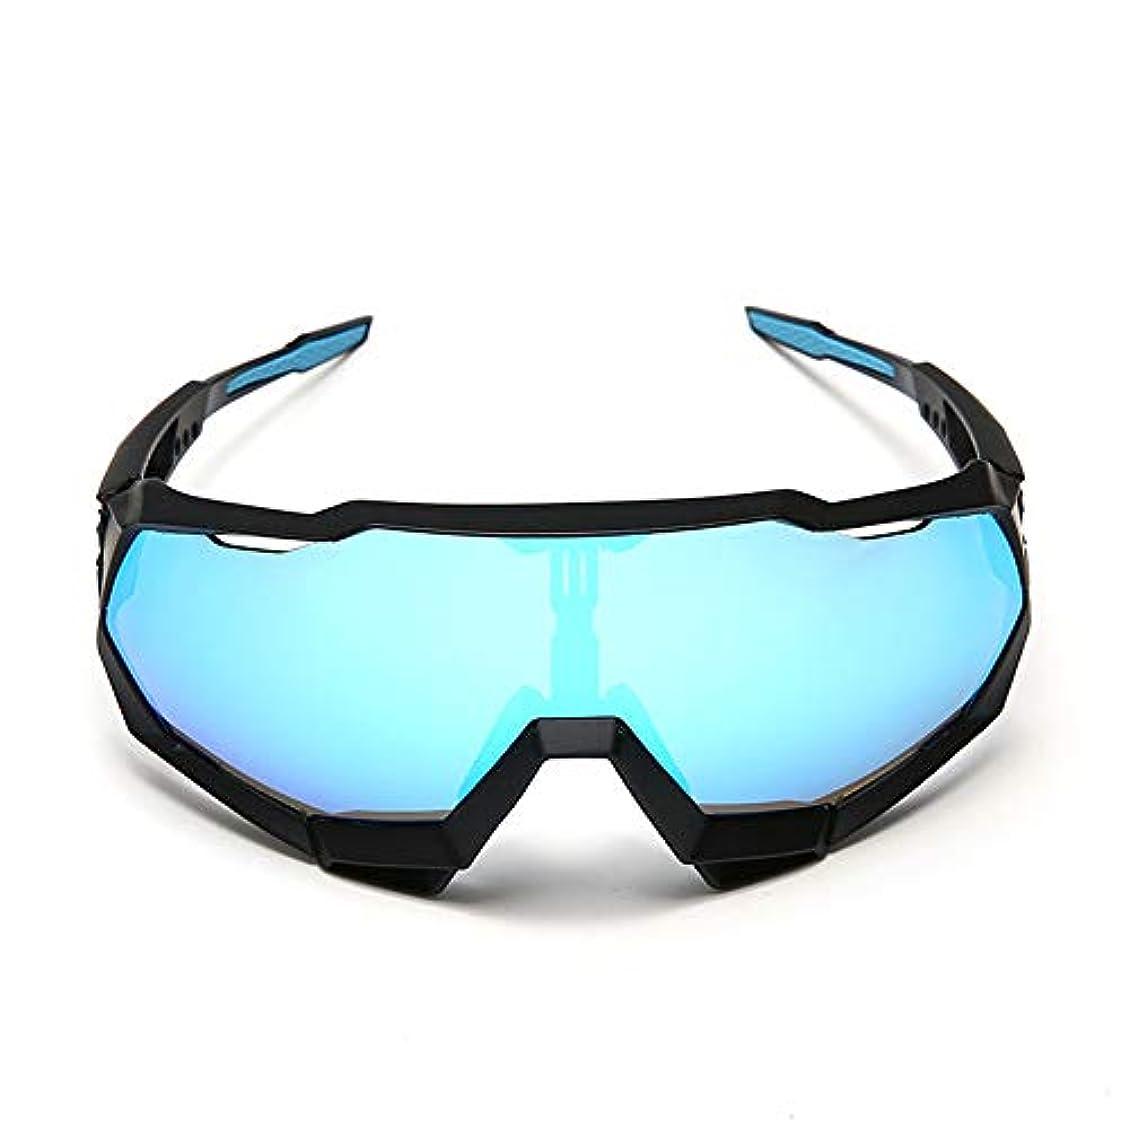 乳最終建築家スポーツサイクリングサングラス、 バイクライディングメガネフルコーティングTR90スポーツゴーグルは砂の偏光を吹き飛ばすのを防ぎます